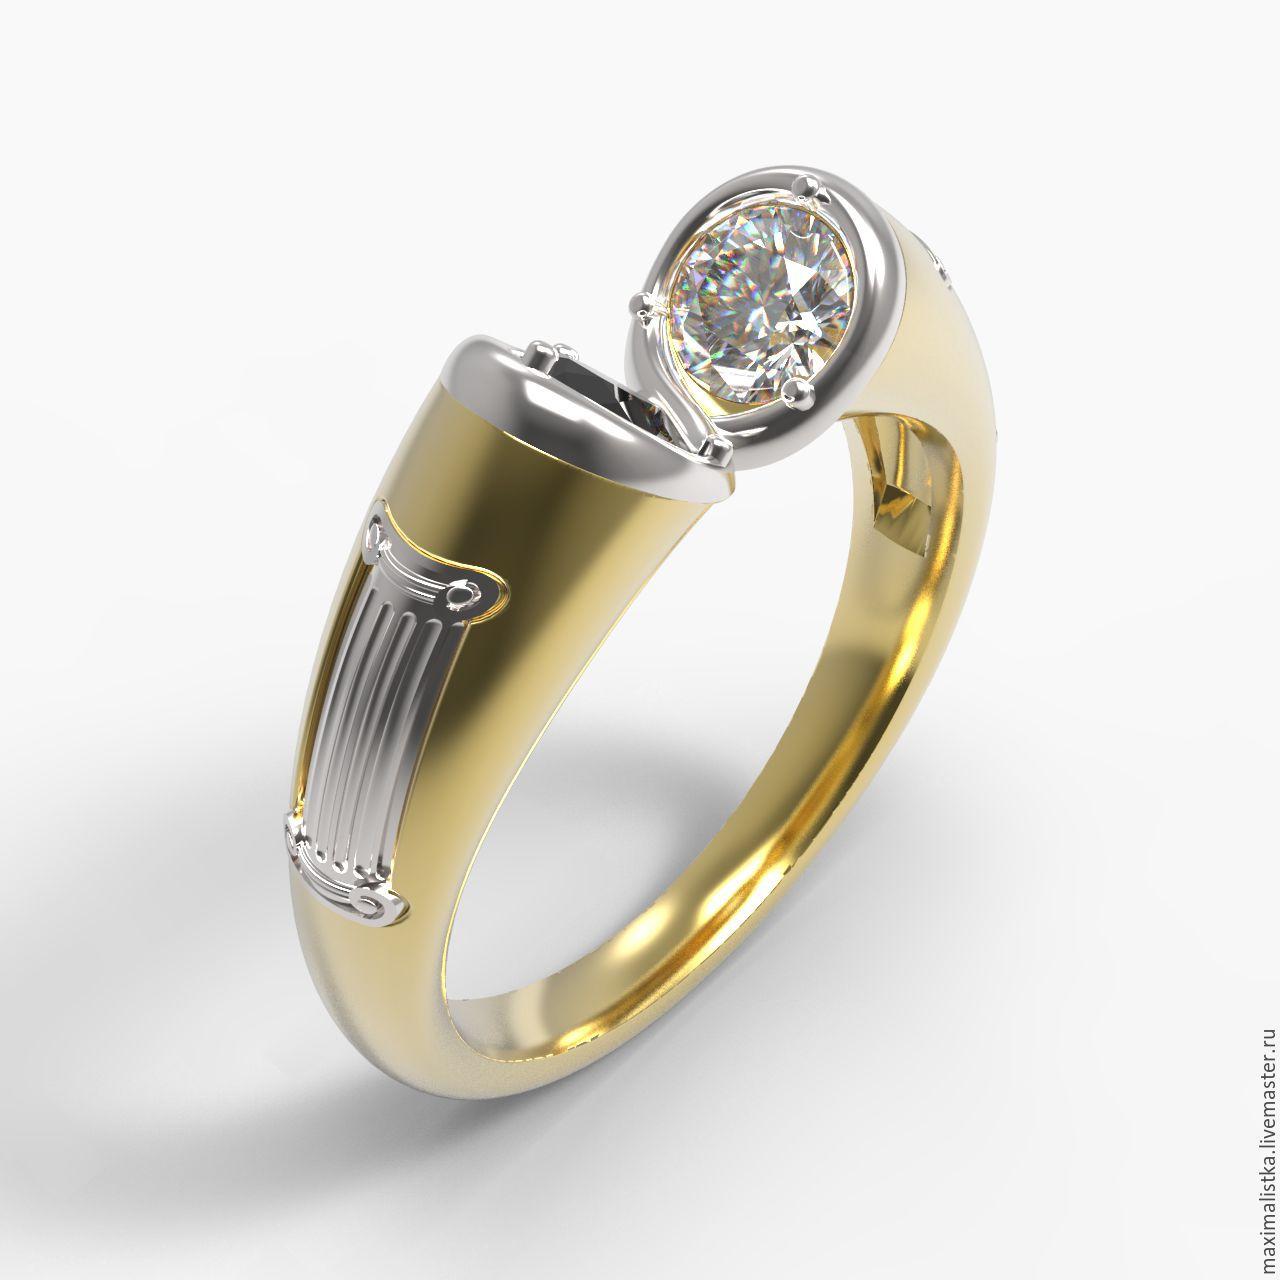 """Золотое кольцо """"Прима"""" с белым и чёрным бриллиантами, бесконечность, Кольца, Москва, Фото №1"""